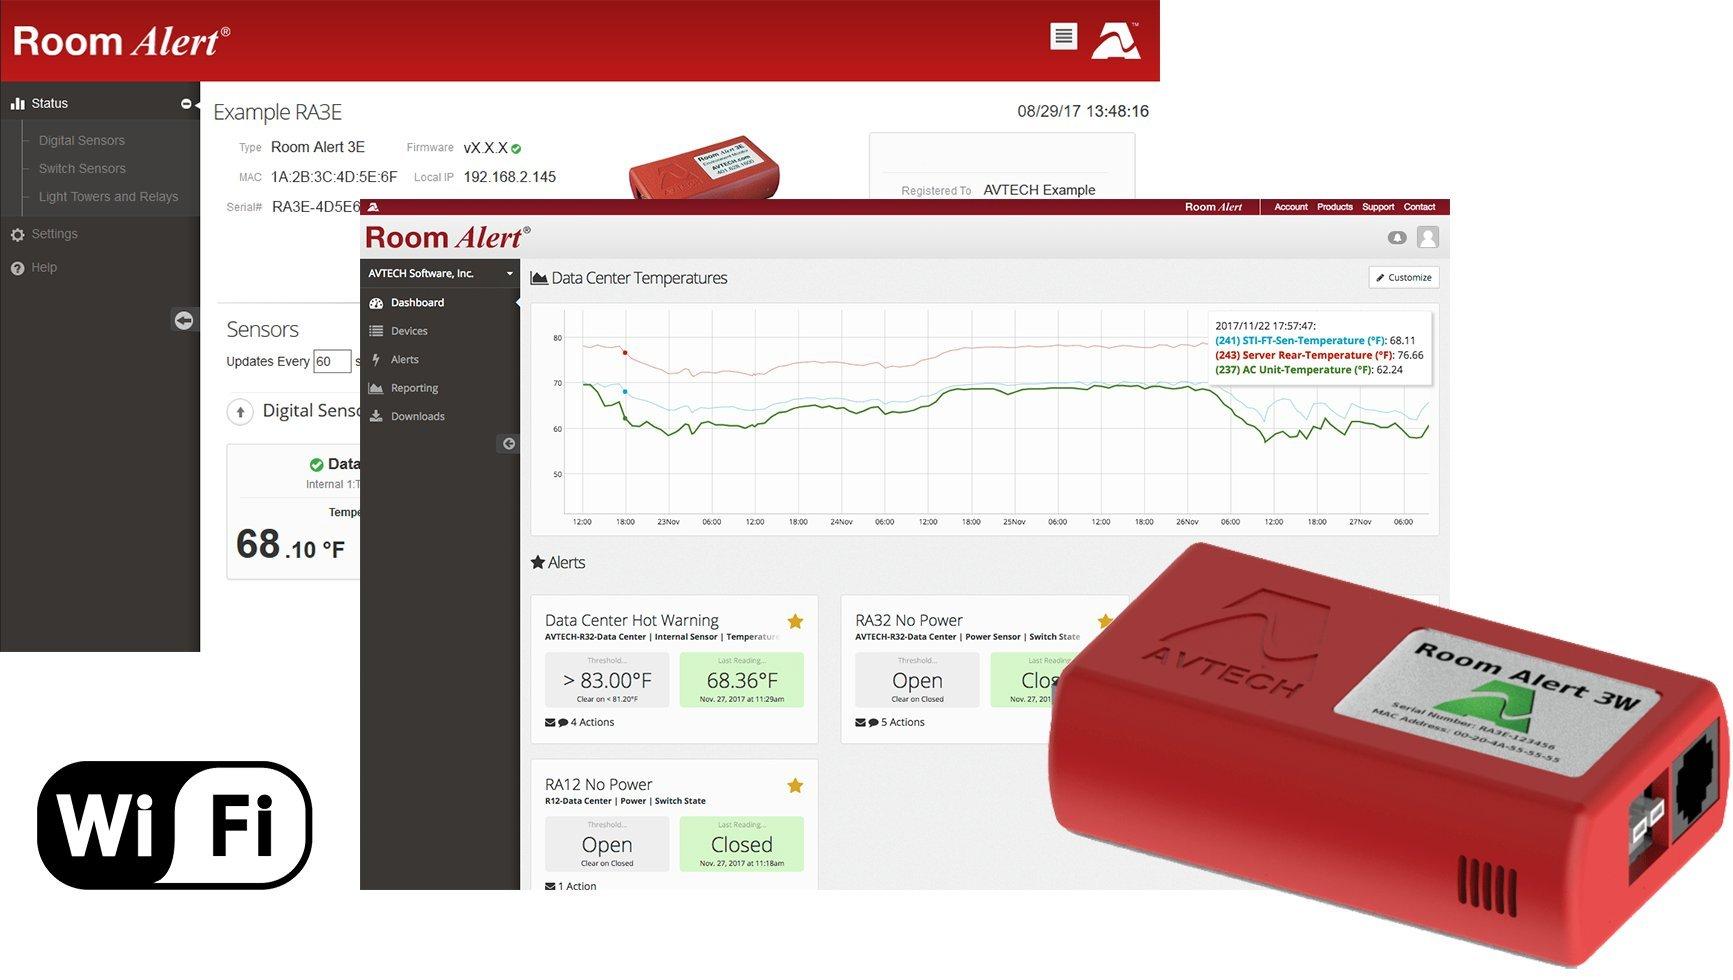 Room Alert 3 Wi-Fi Temperature & Environment Monitor, Alert, Log, Graph, Cloud, Map, More